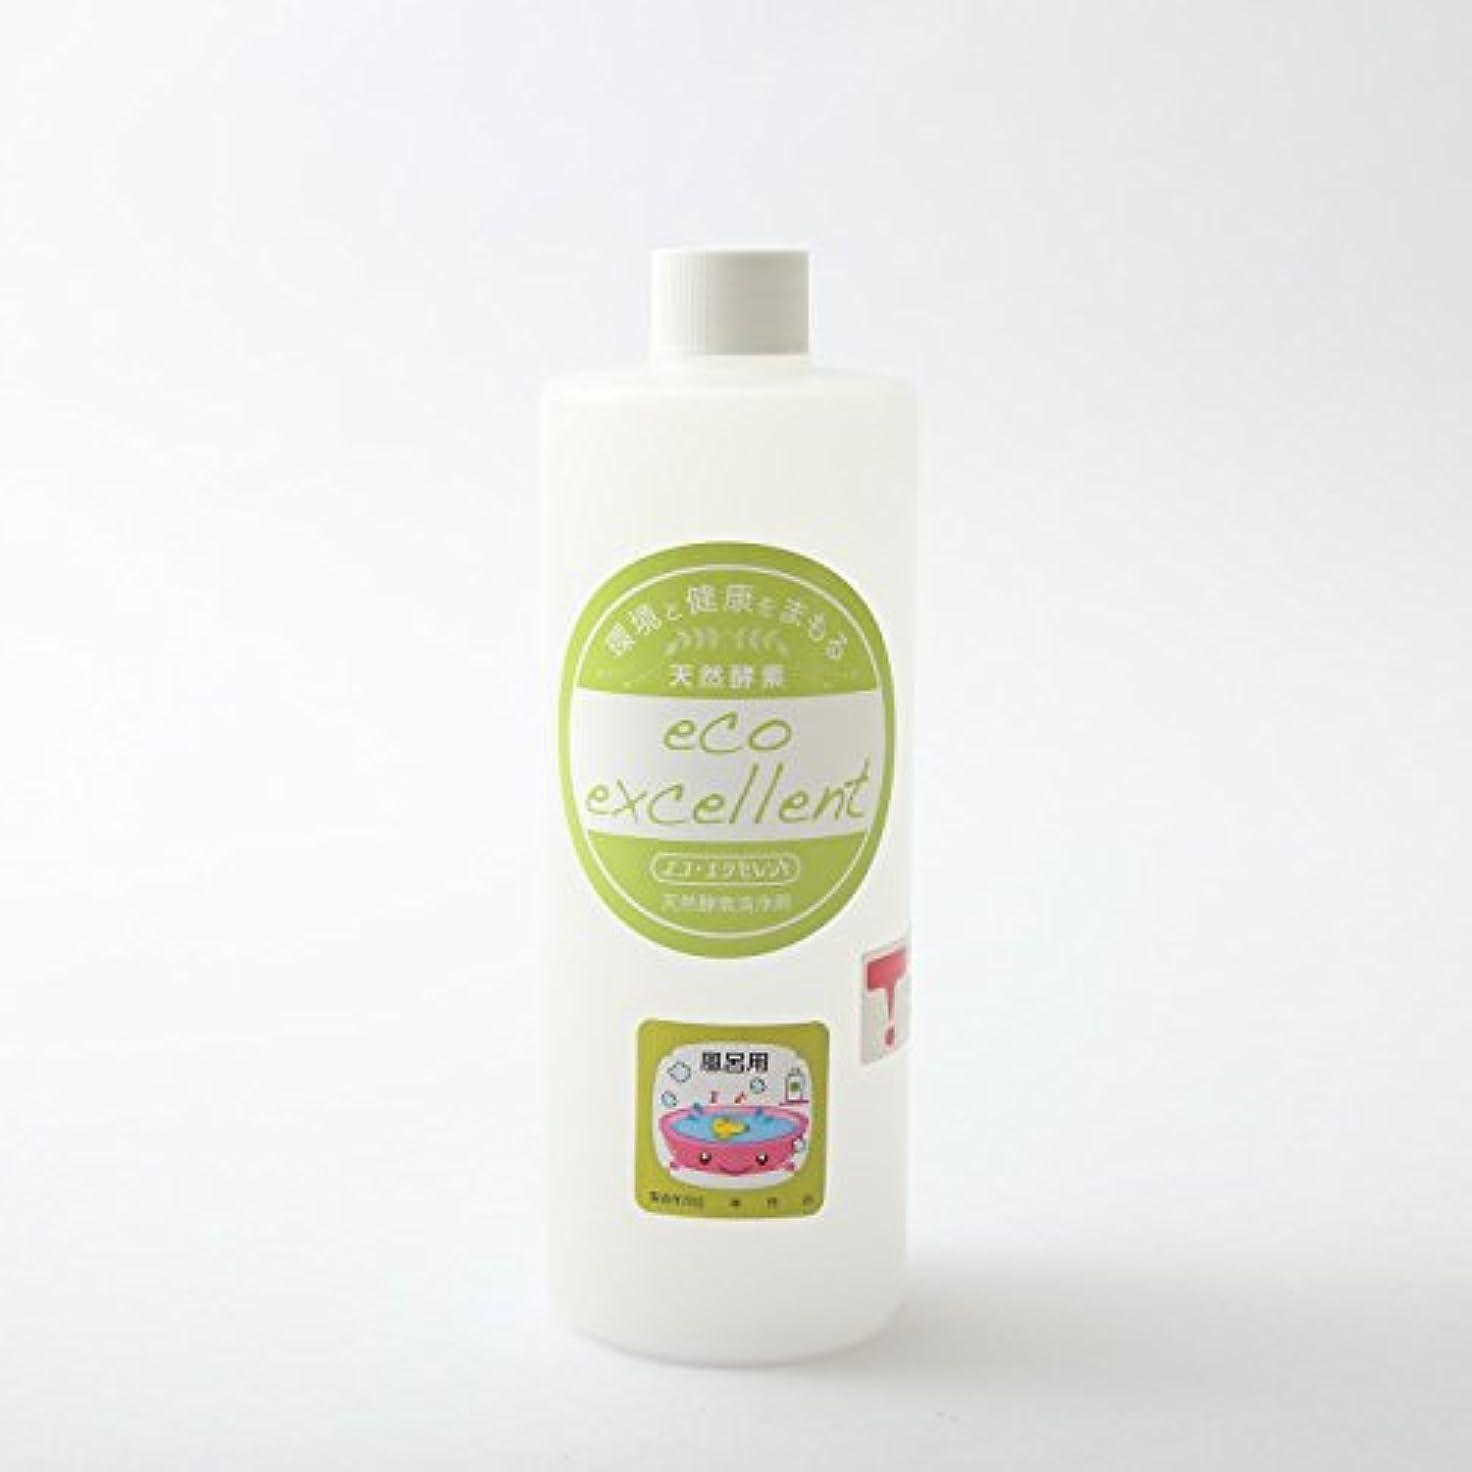 キリン下ドラフト天然酵素洗浄剤 エコエクセレント風呂用